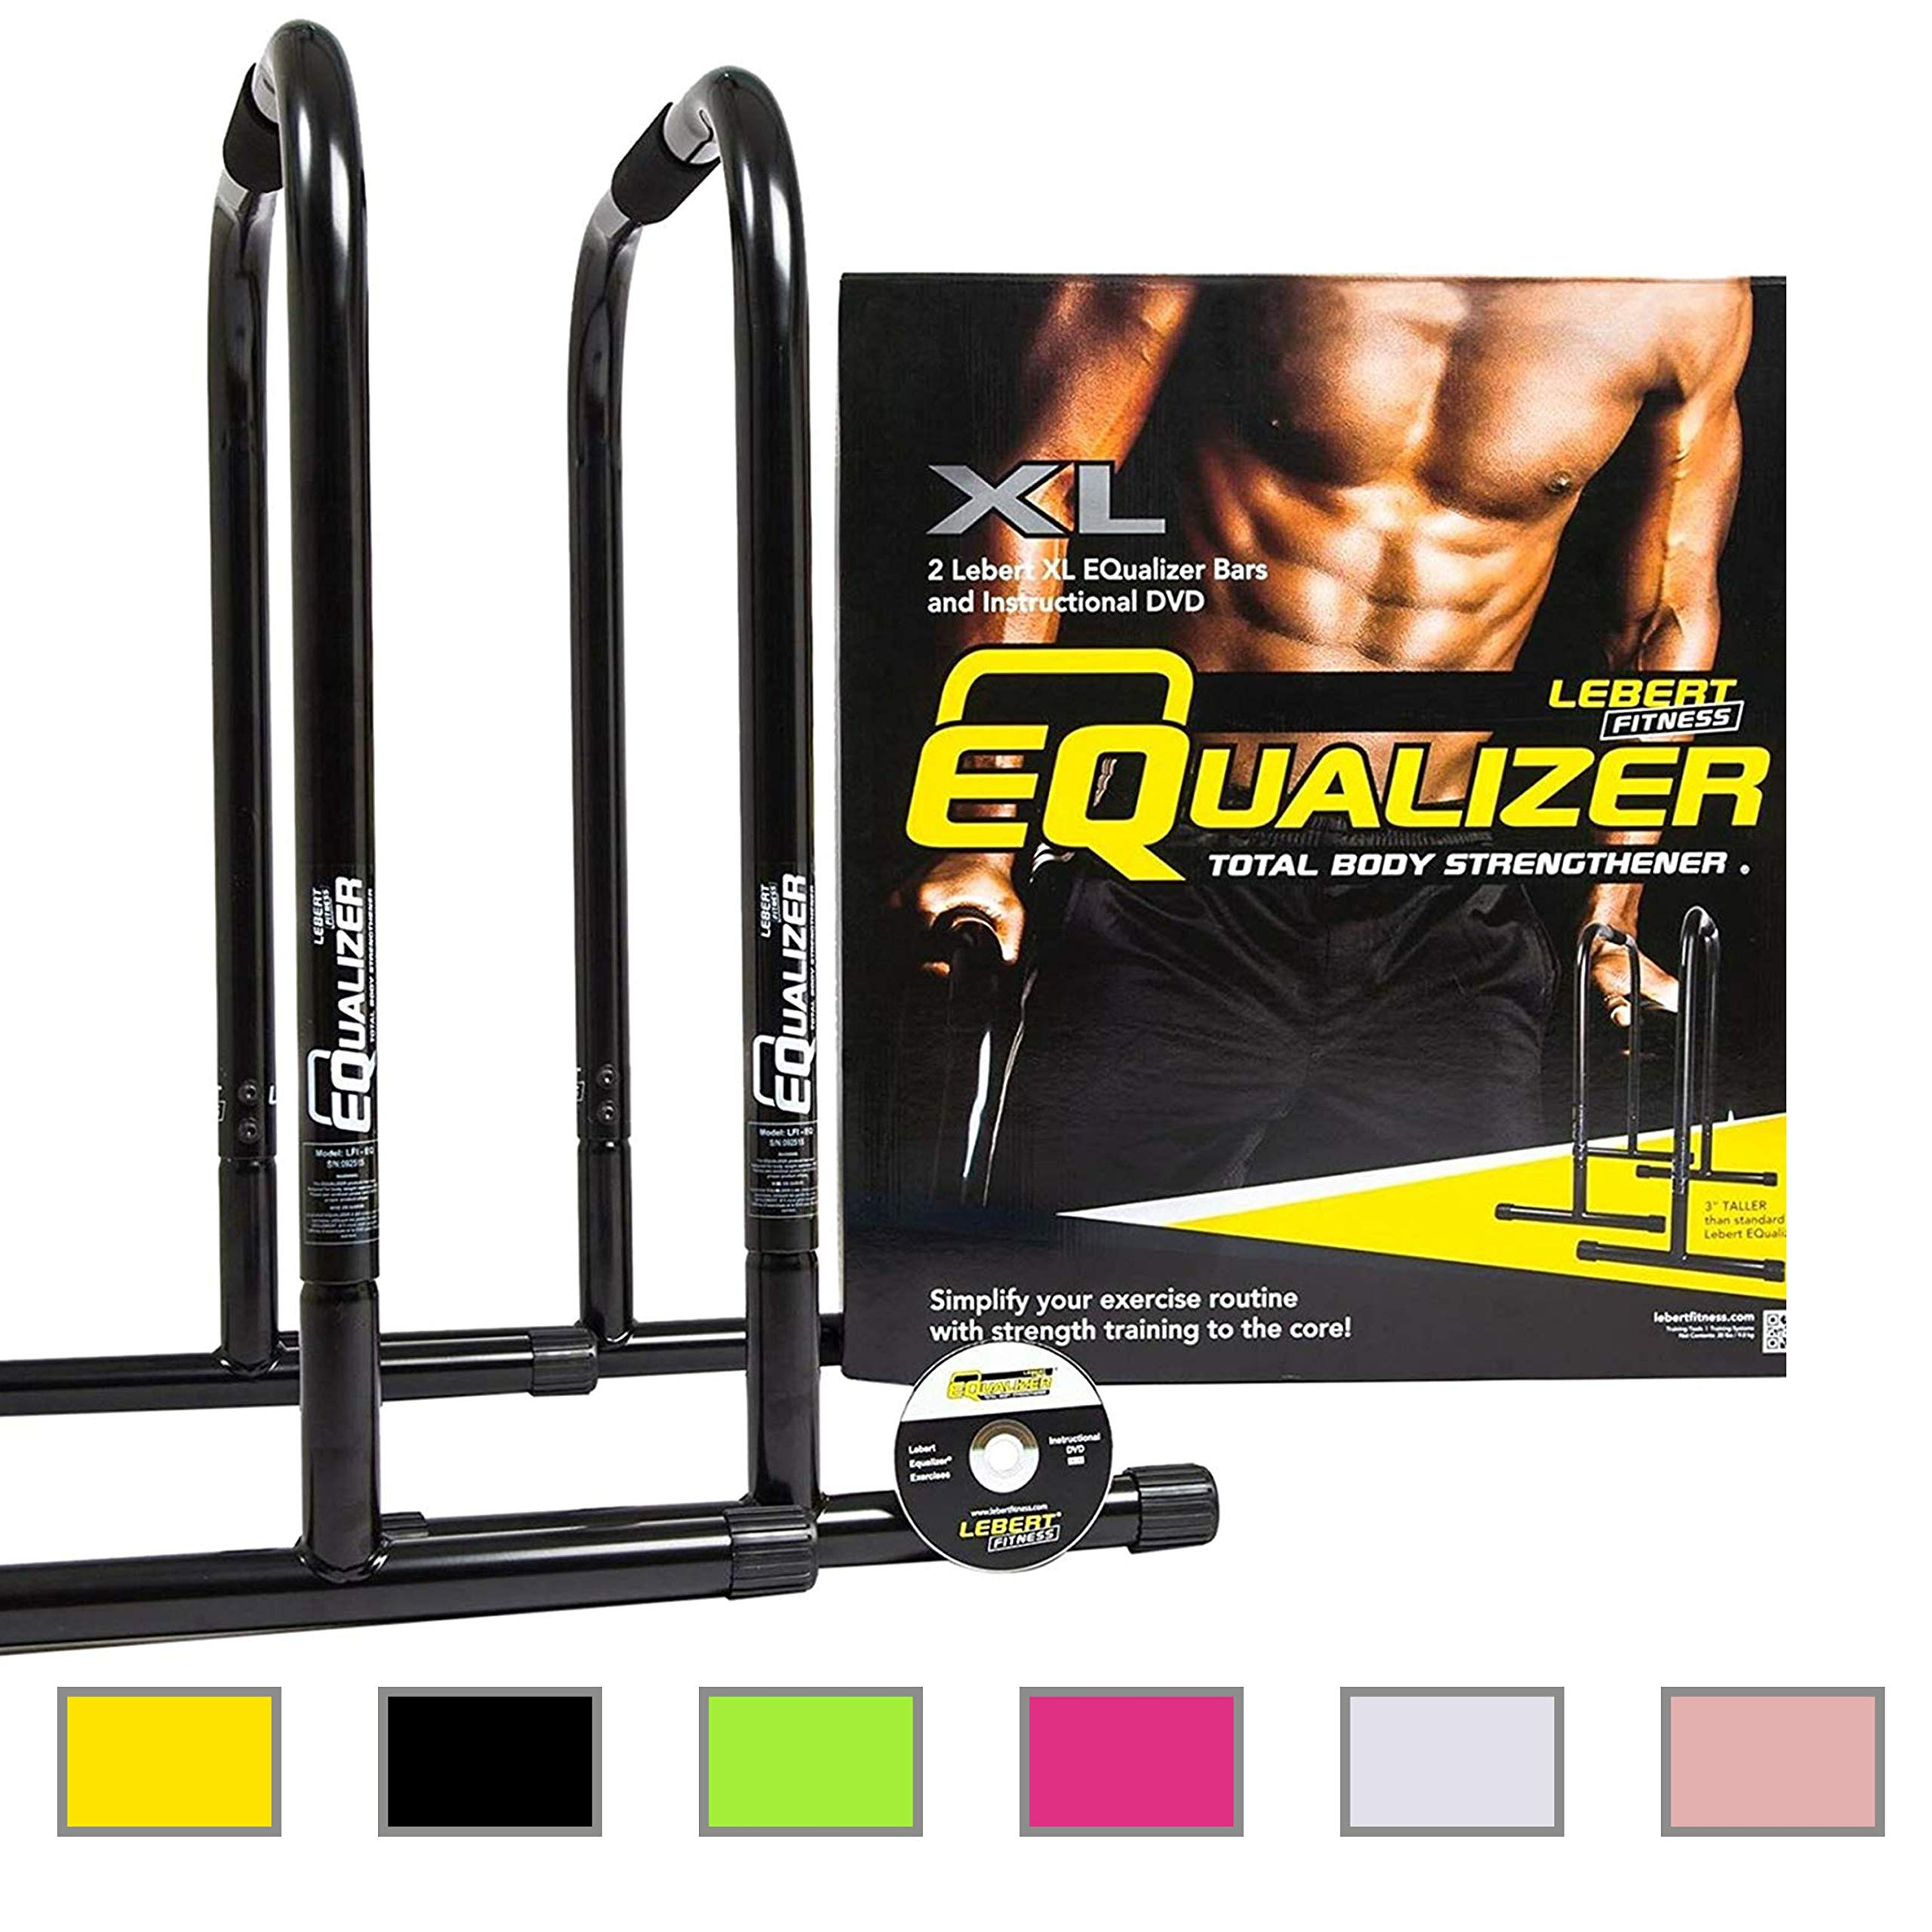 Lebert Fitness Equalizer Bars Total Body Strengthener, XL, Black